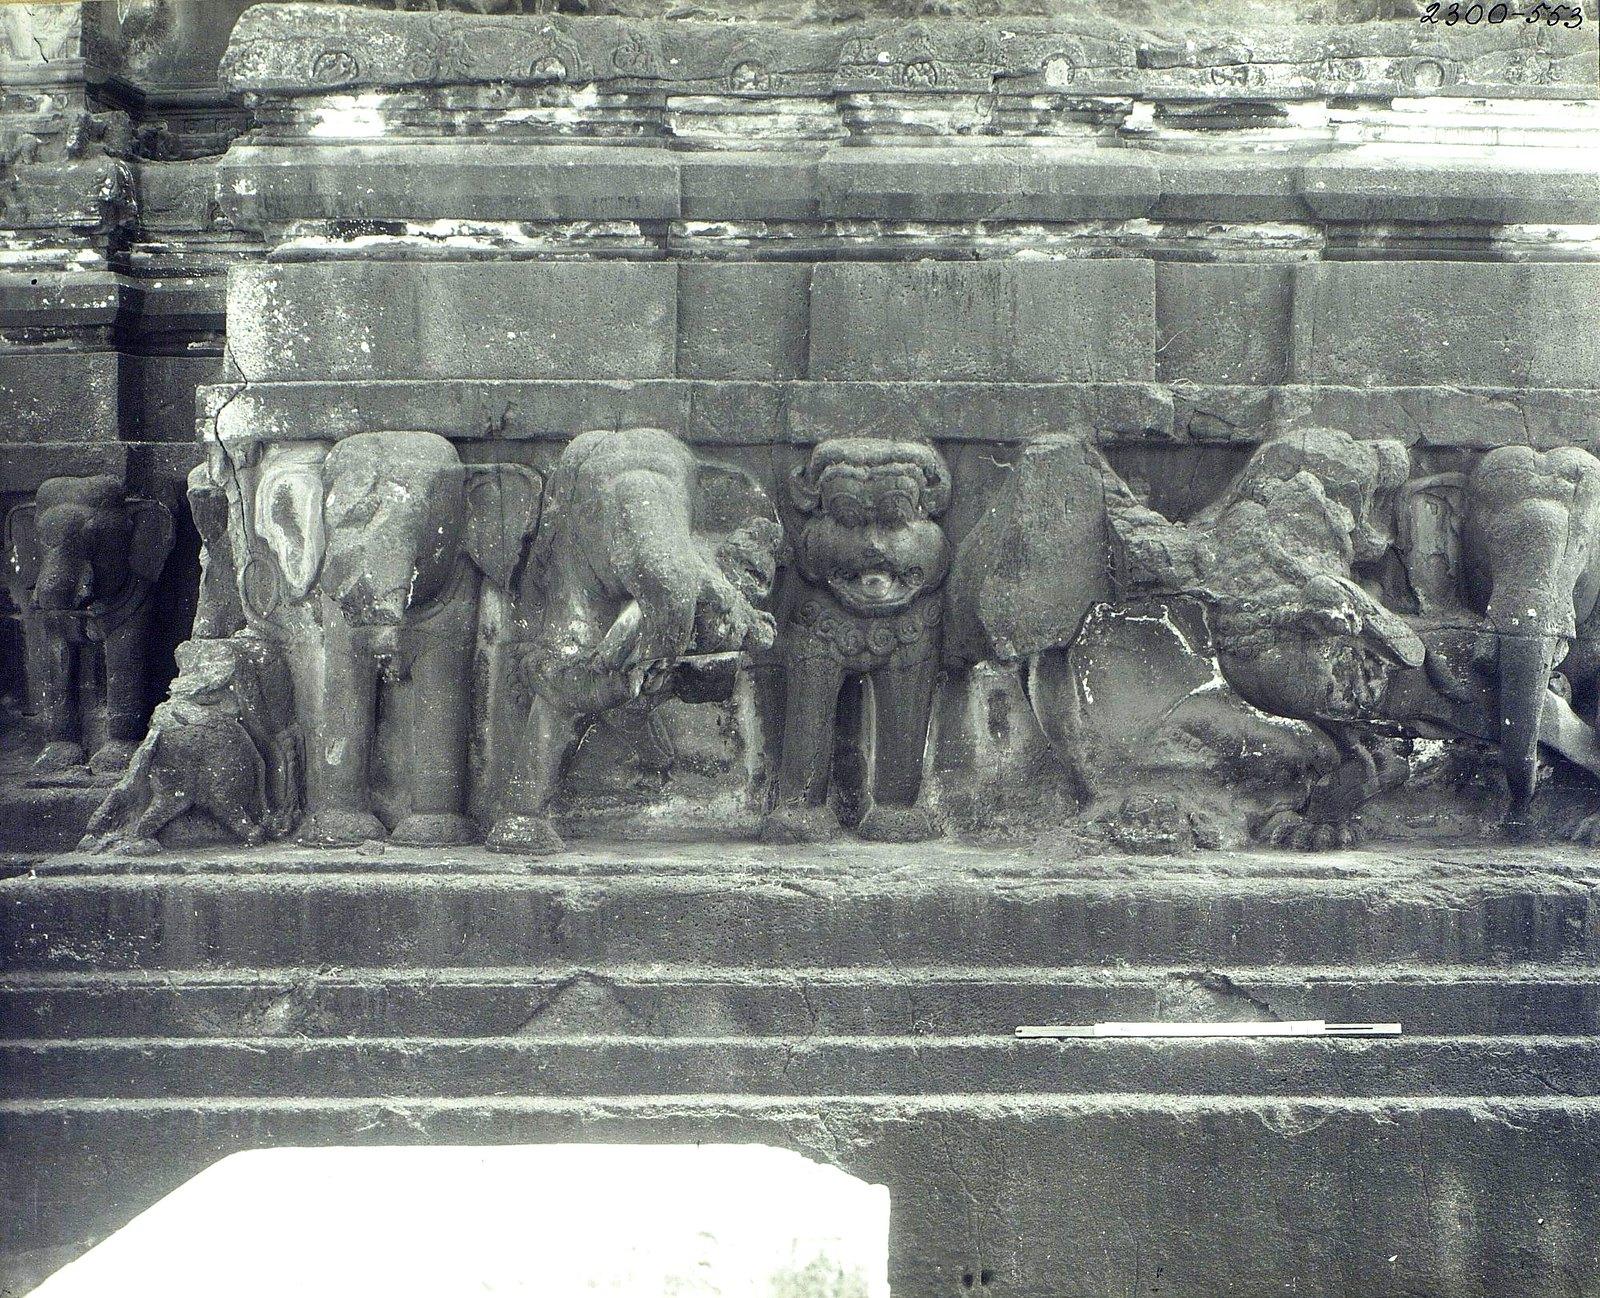 Храм Кайласа в Эллоре (деталь рельефа со слонами и львами) (2)